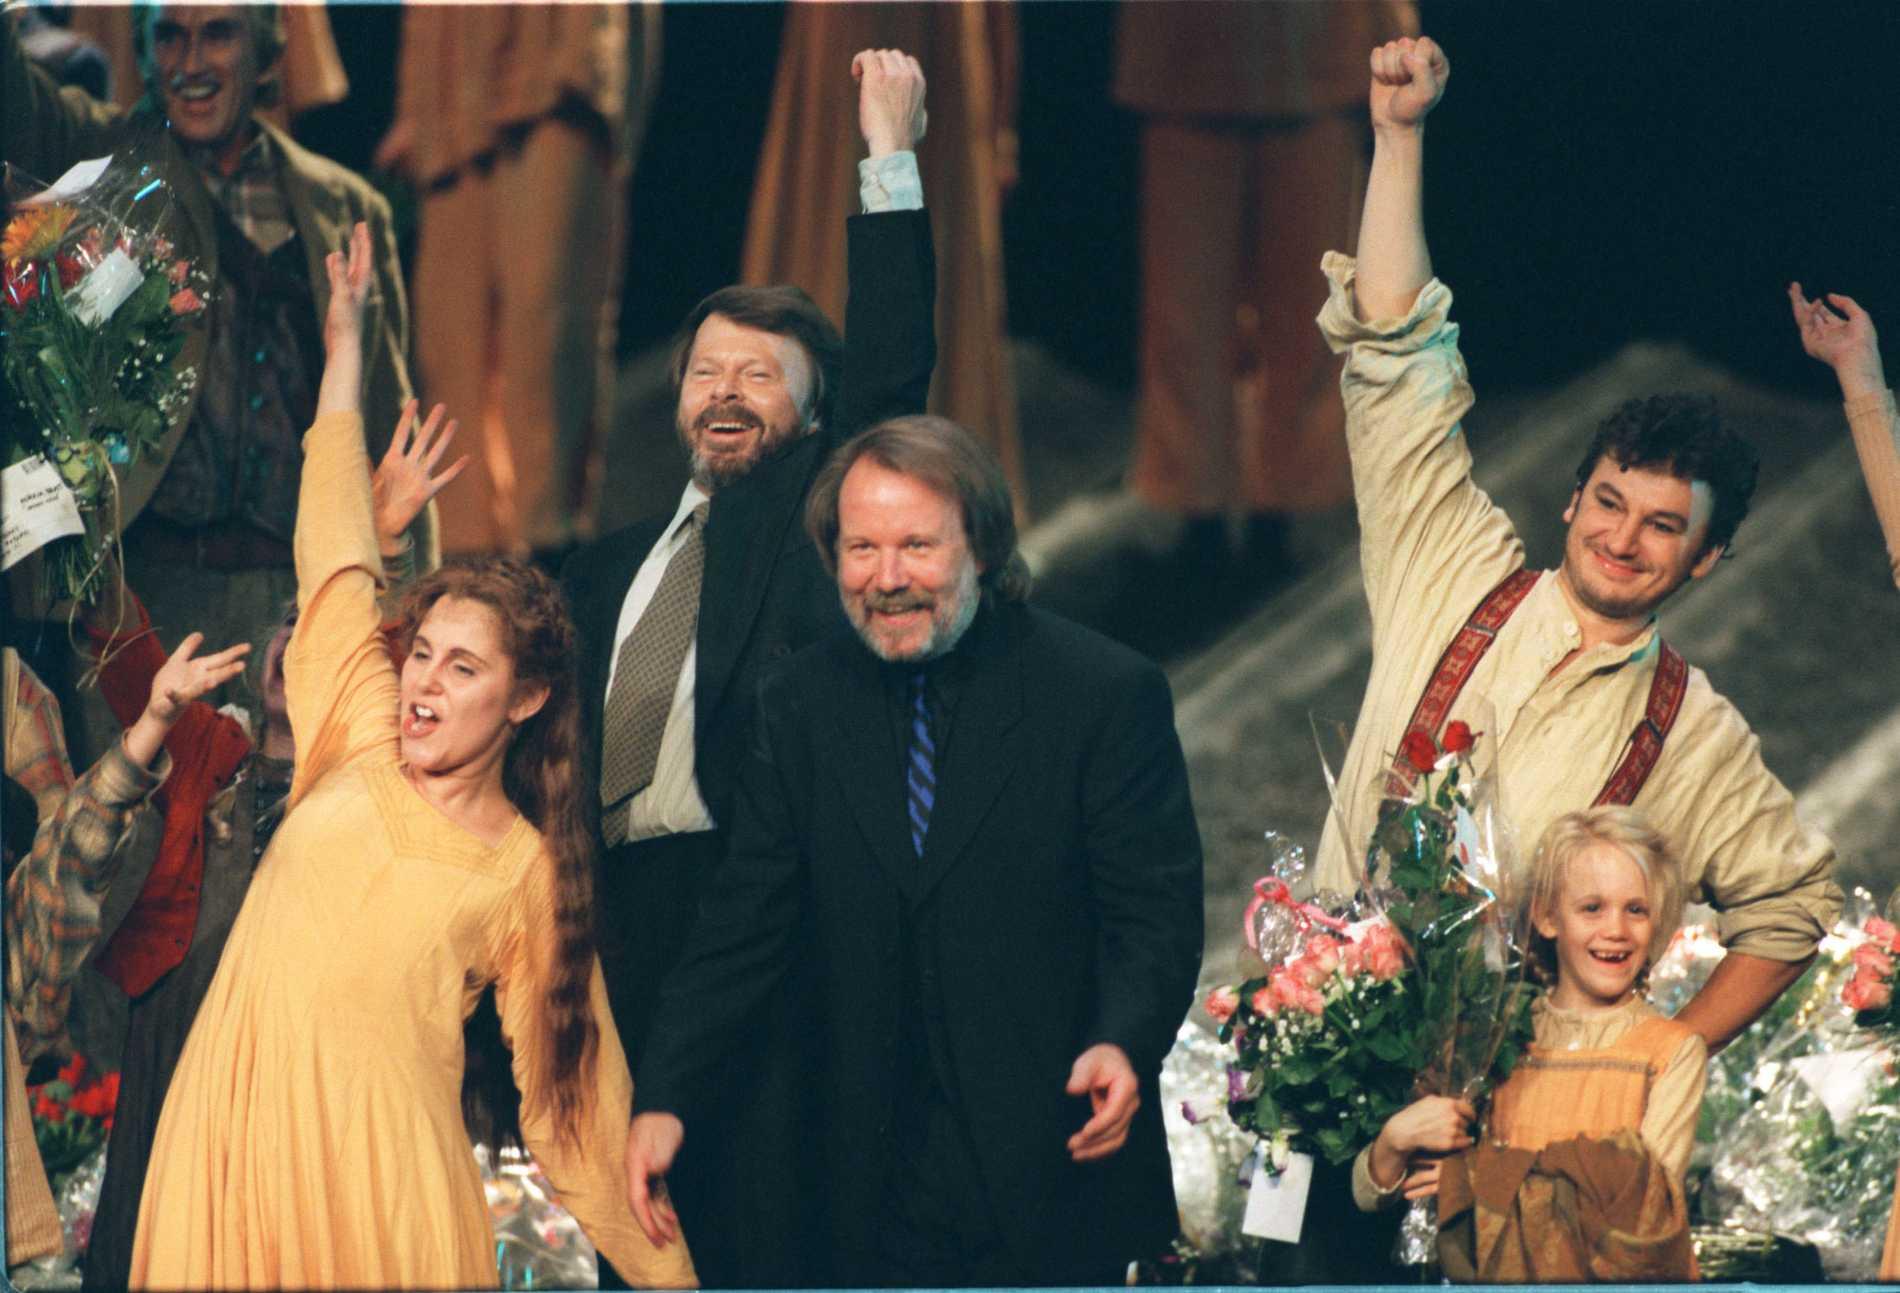 Helen Sjöholm, Björn Ulvaeus, Benny Andersson och Anders Ekborg under premiären i Malmö.